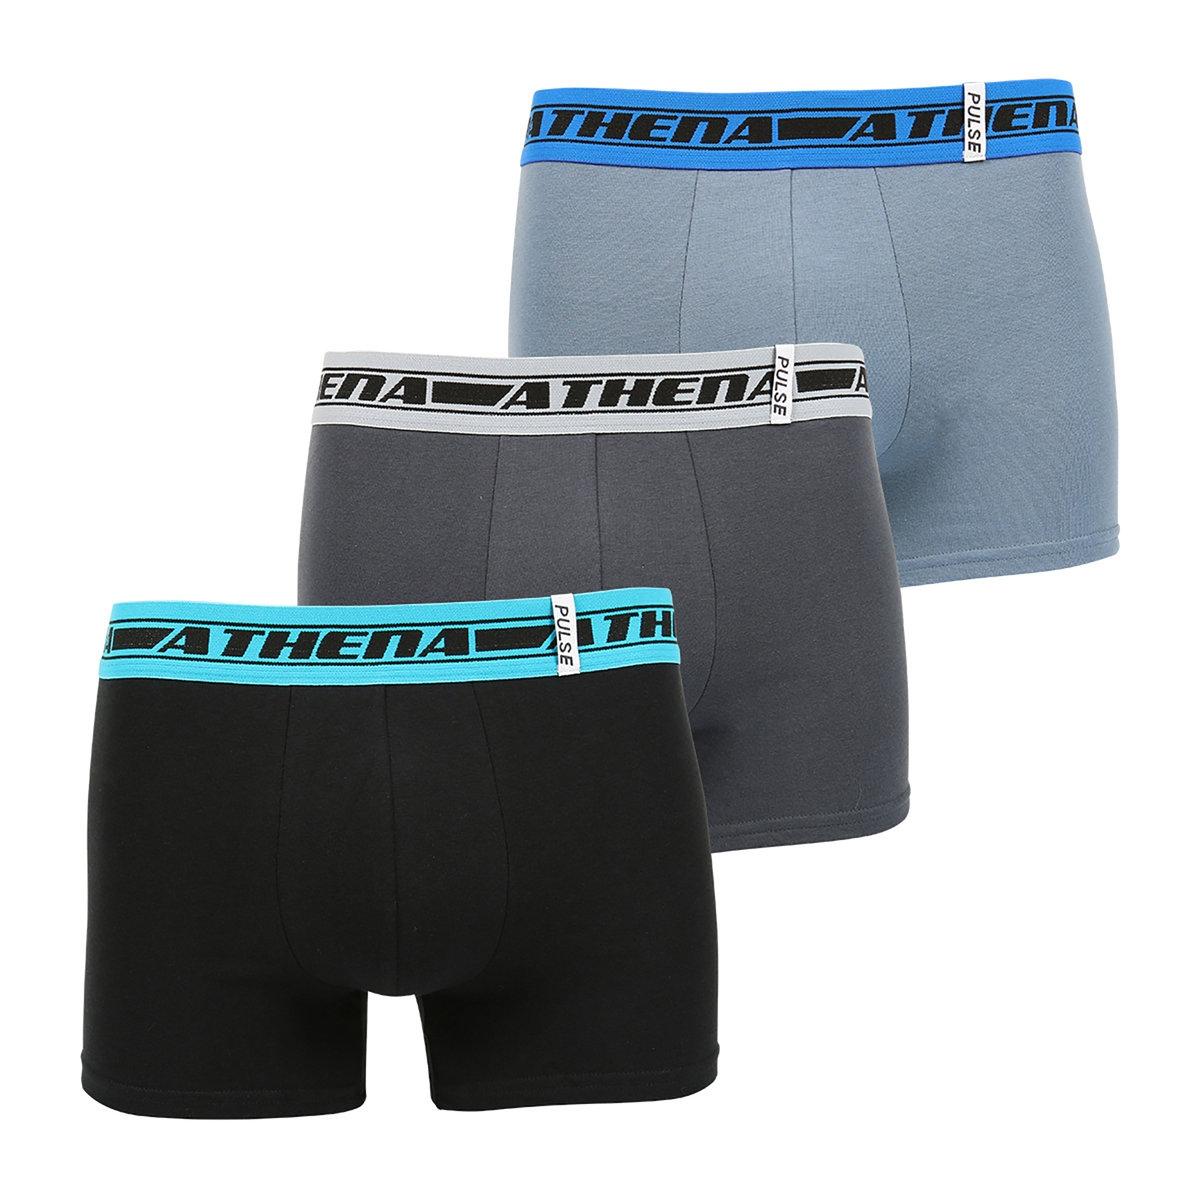 Трусы-боксеры (комплект из 3 штук), L563 Pulse<br><br>Цвет: черный/ белый+фиолетовый+зеленый